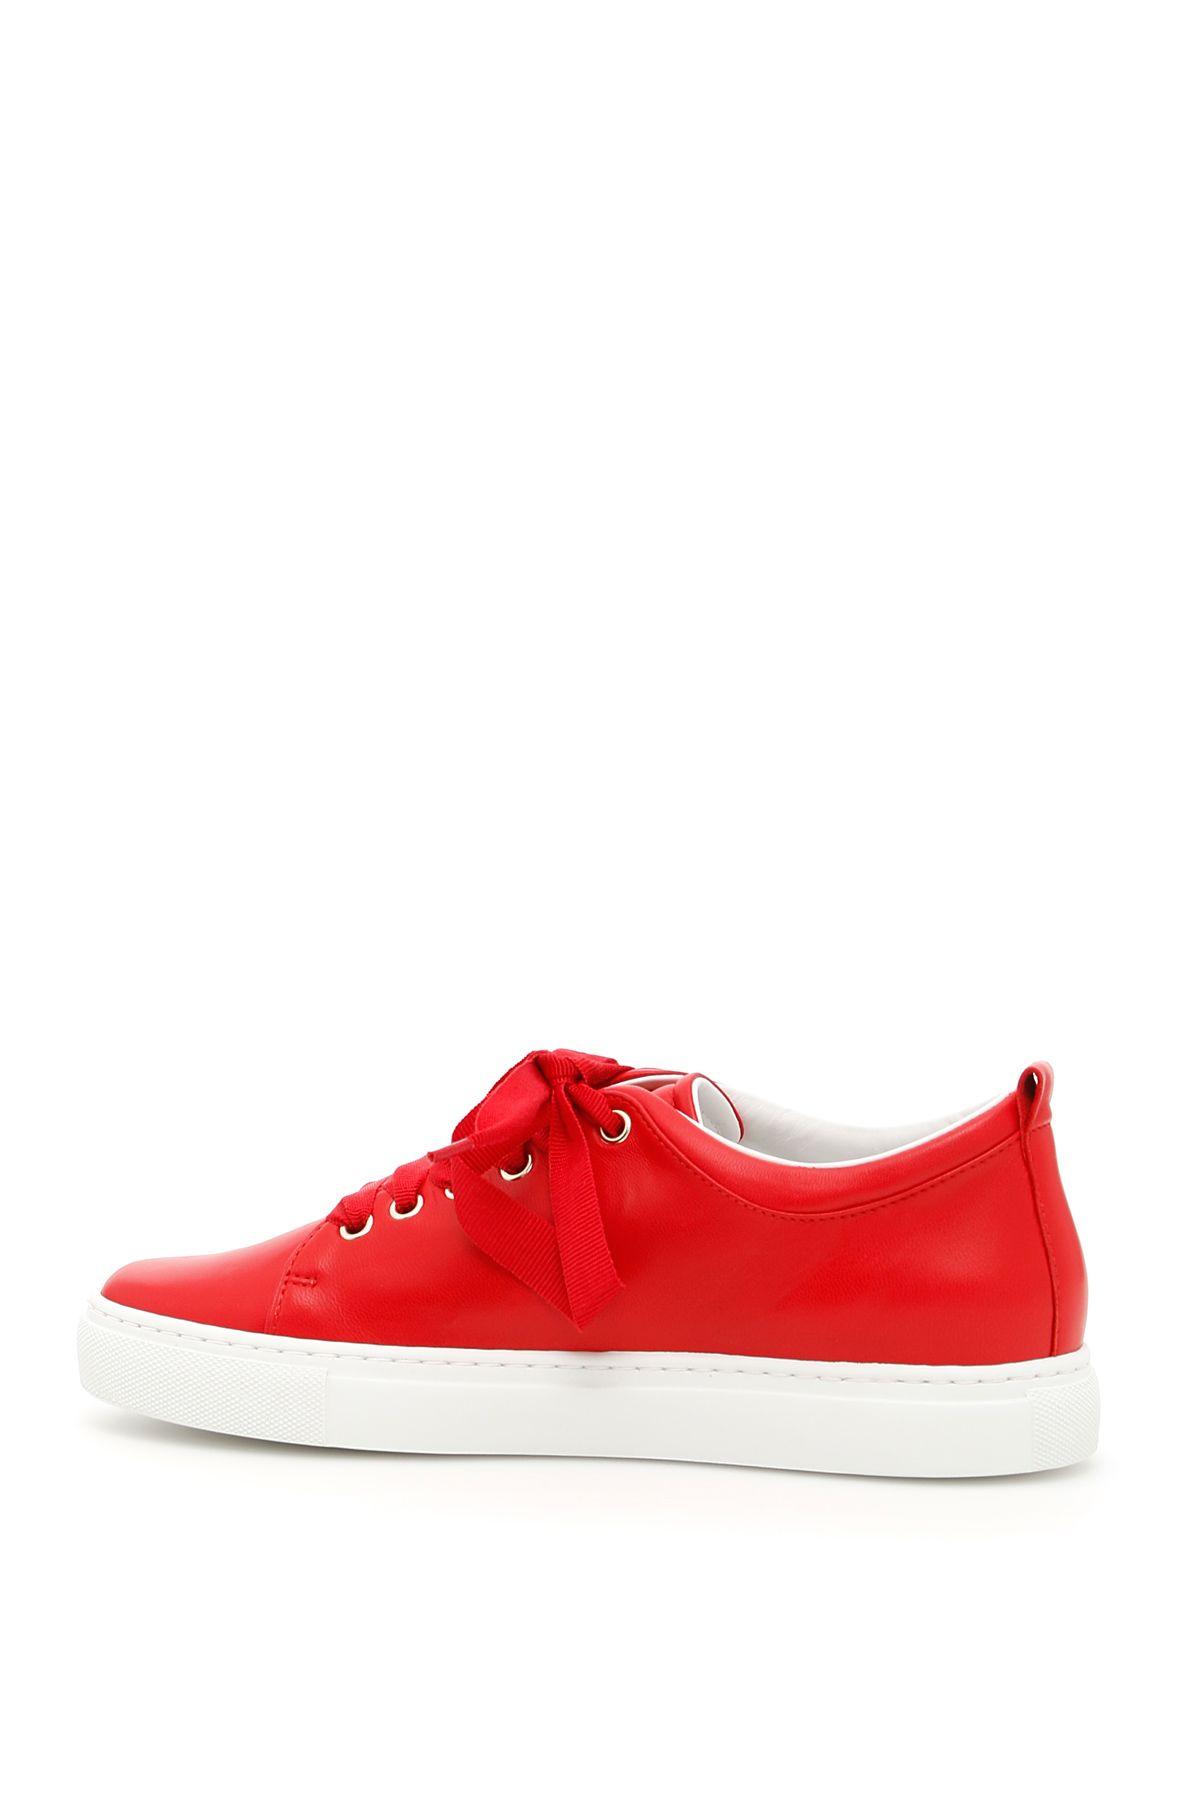 Lanvin Lanvin Logo Sneakers - RED LIPSTICK|Rosso ...